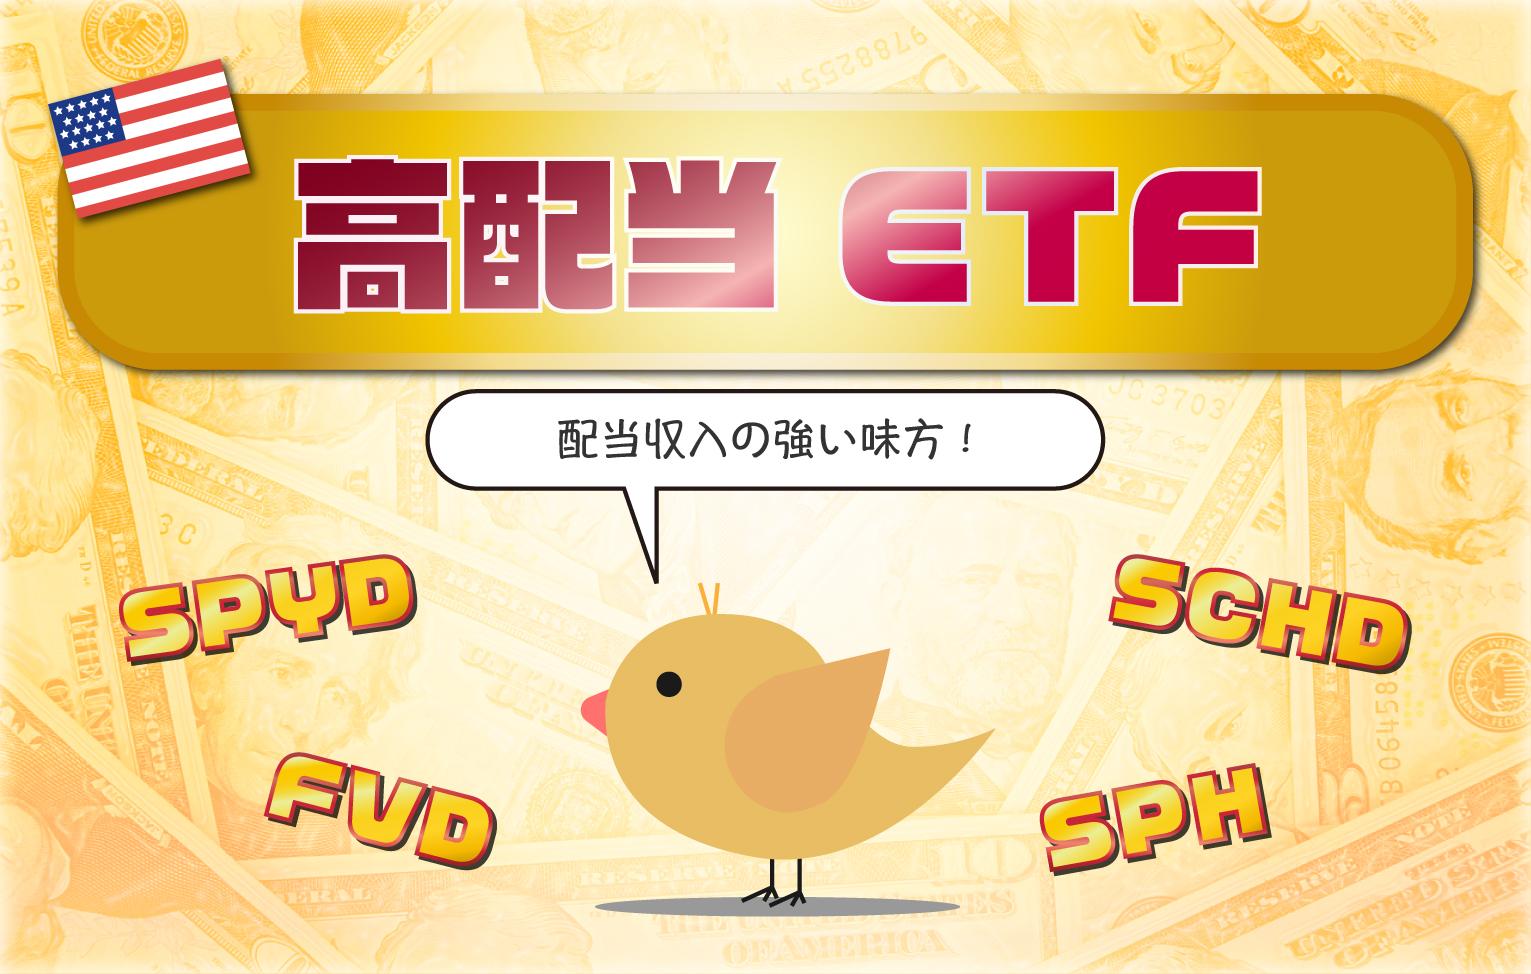 【米国株】高配当ETFを比較しました【検討するべき銘柄を紹介】